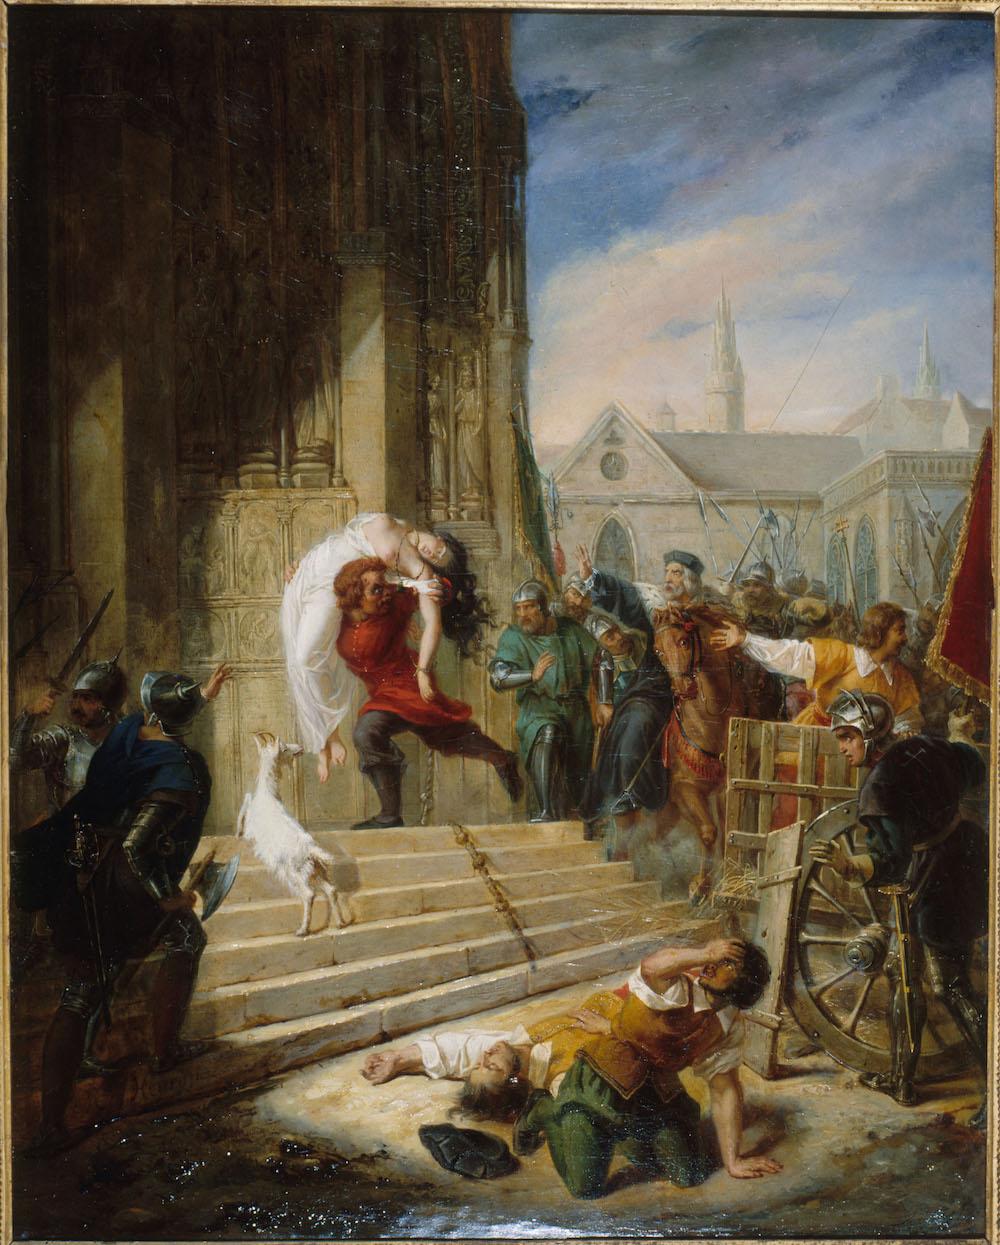 Eugénie Henry épouse Latil (1808-1879), Quasimodo sauvant la Esmeralda des mains de ses bourreaux, 1832 Huile sur toile